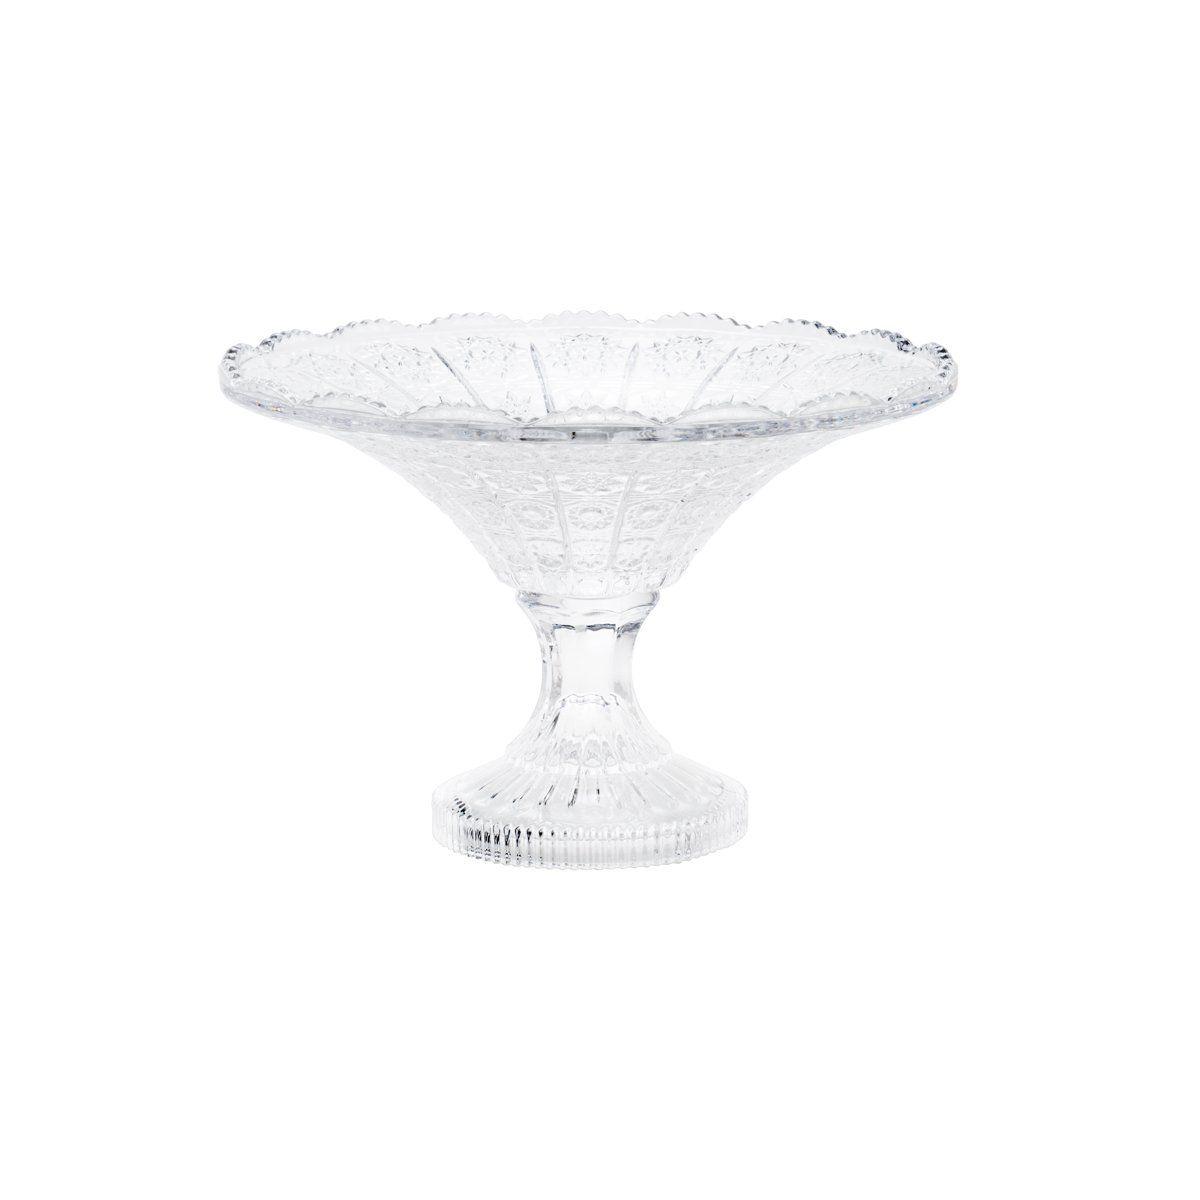 Fruteira 20 cm de cristal transparente com pé Starry Wolff - 25618